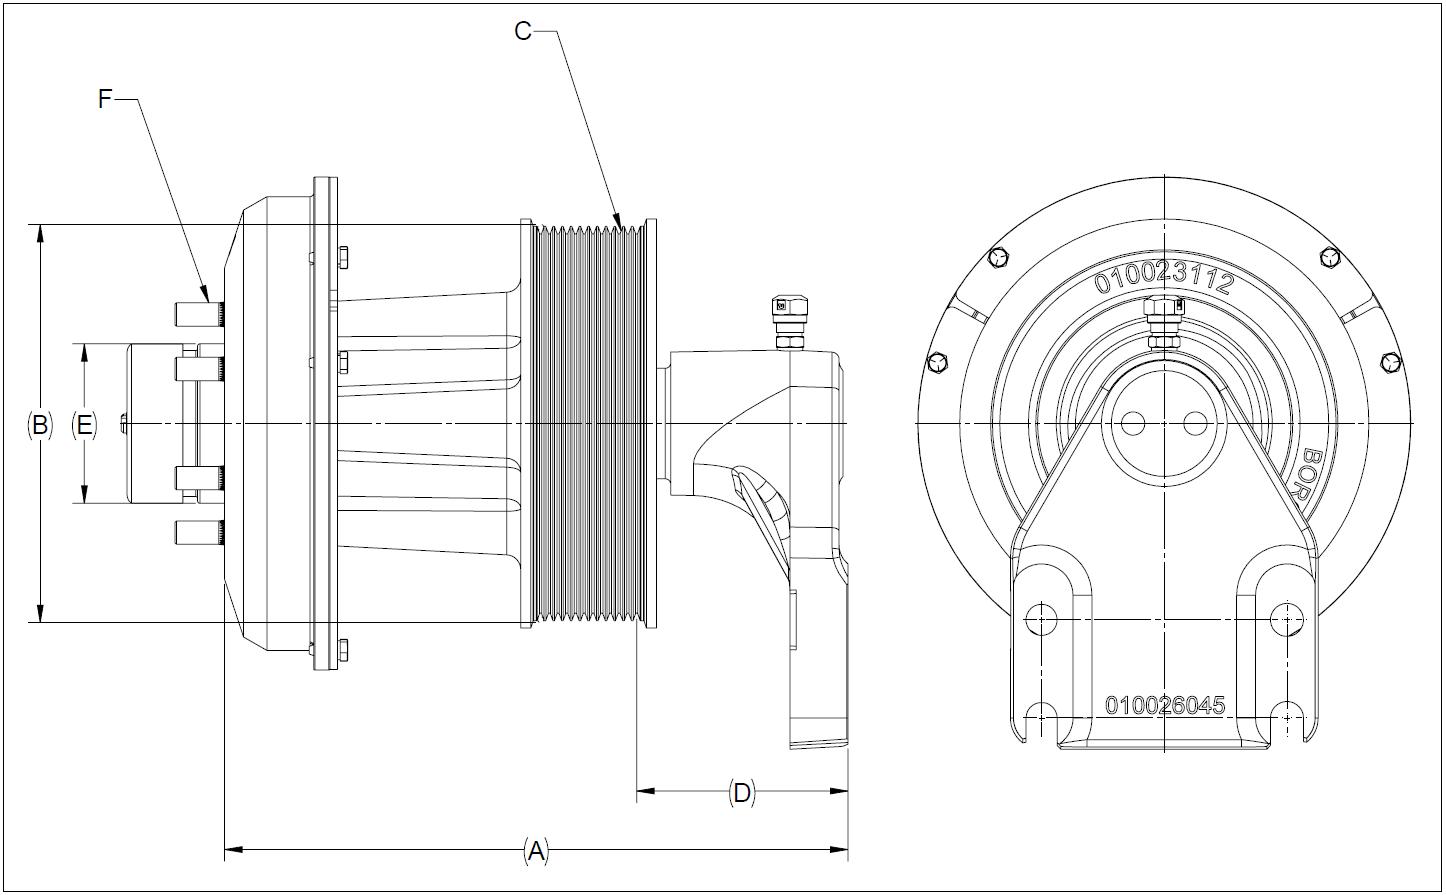 010026186 K32 Rear Air Fan Drive Assembly